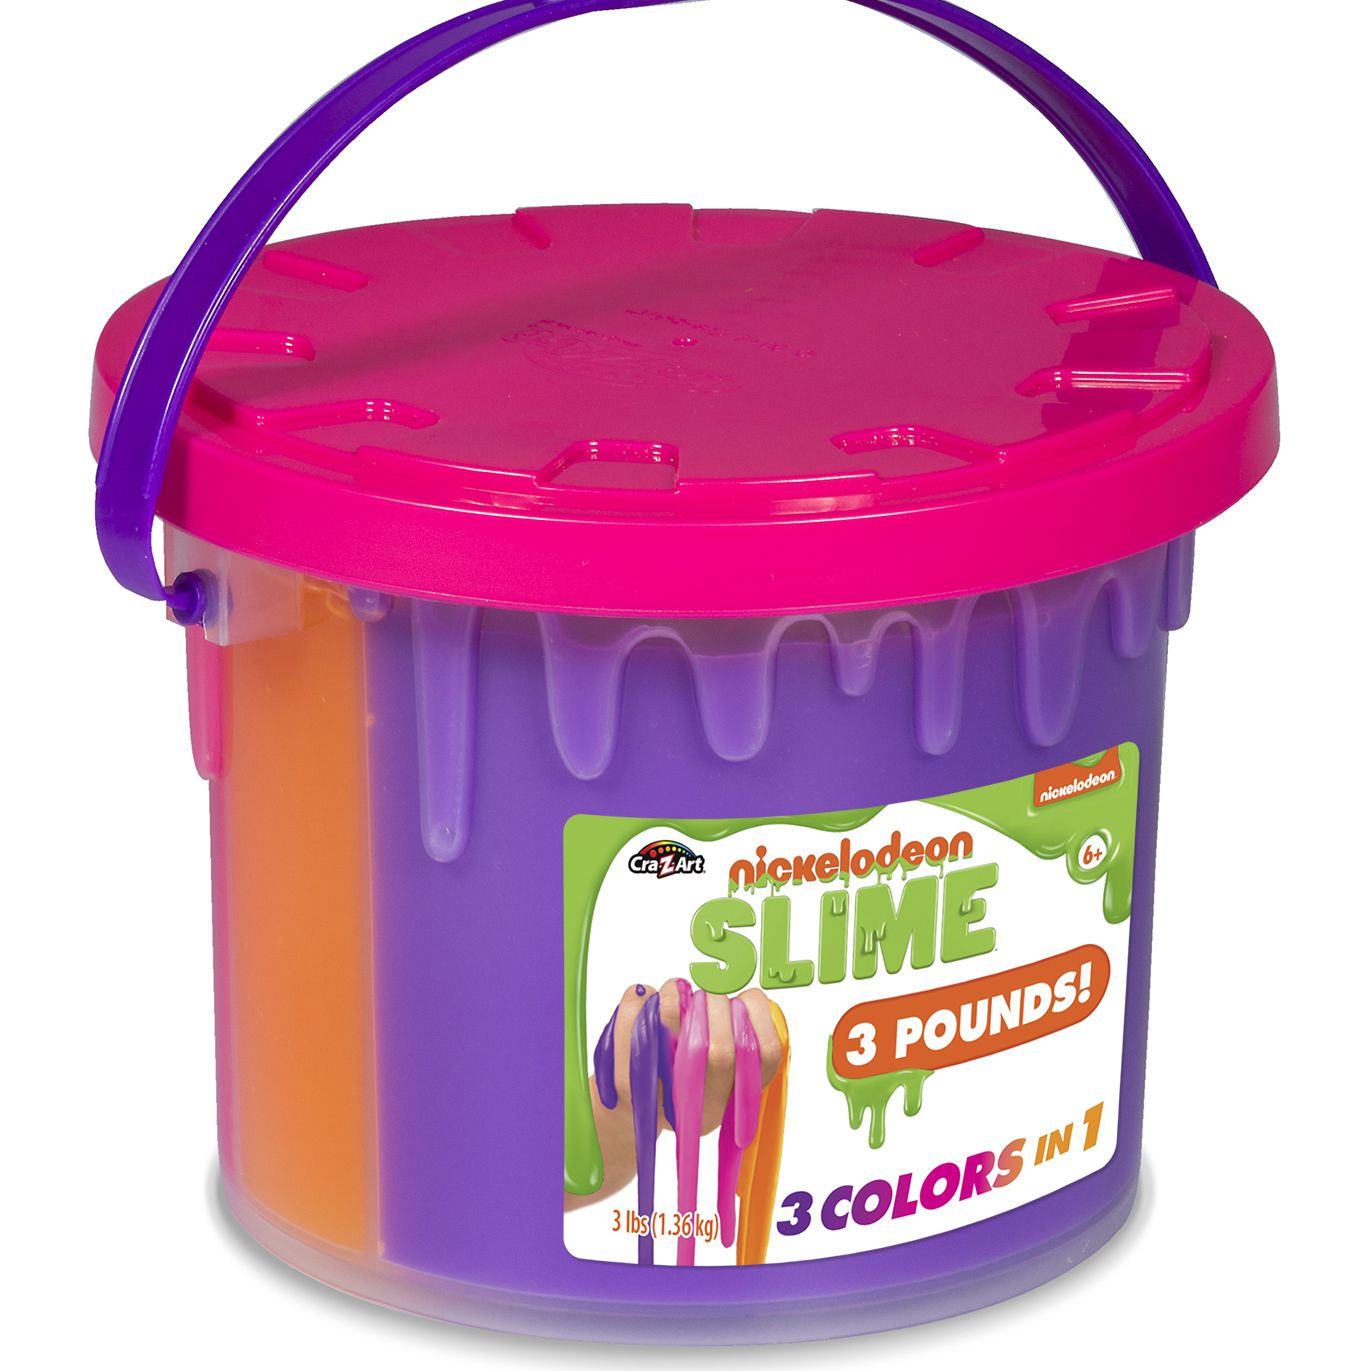 nickelodeon-slime